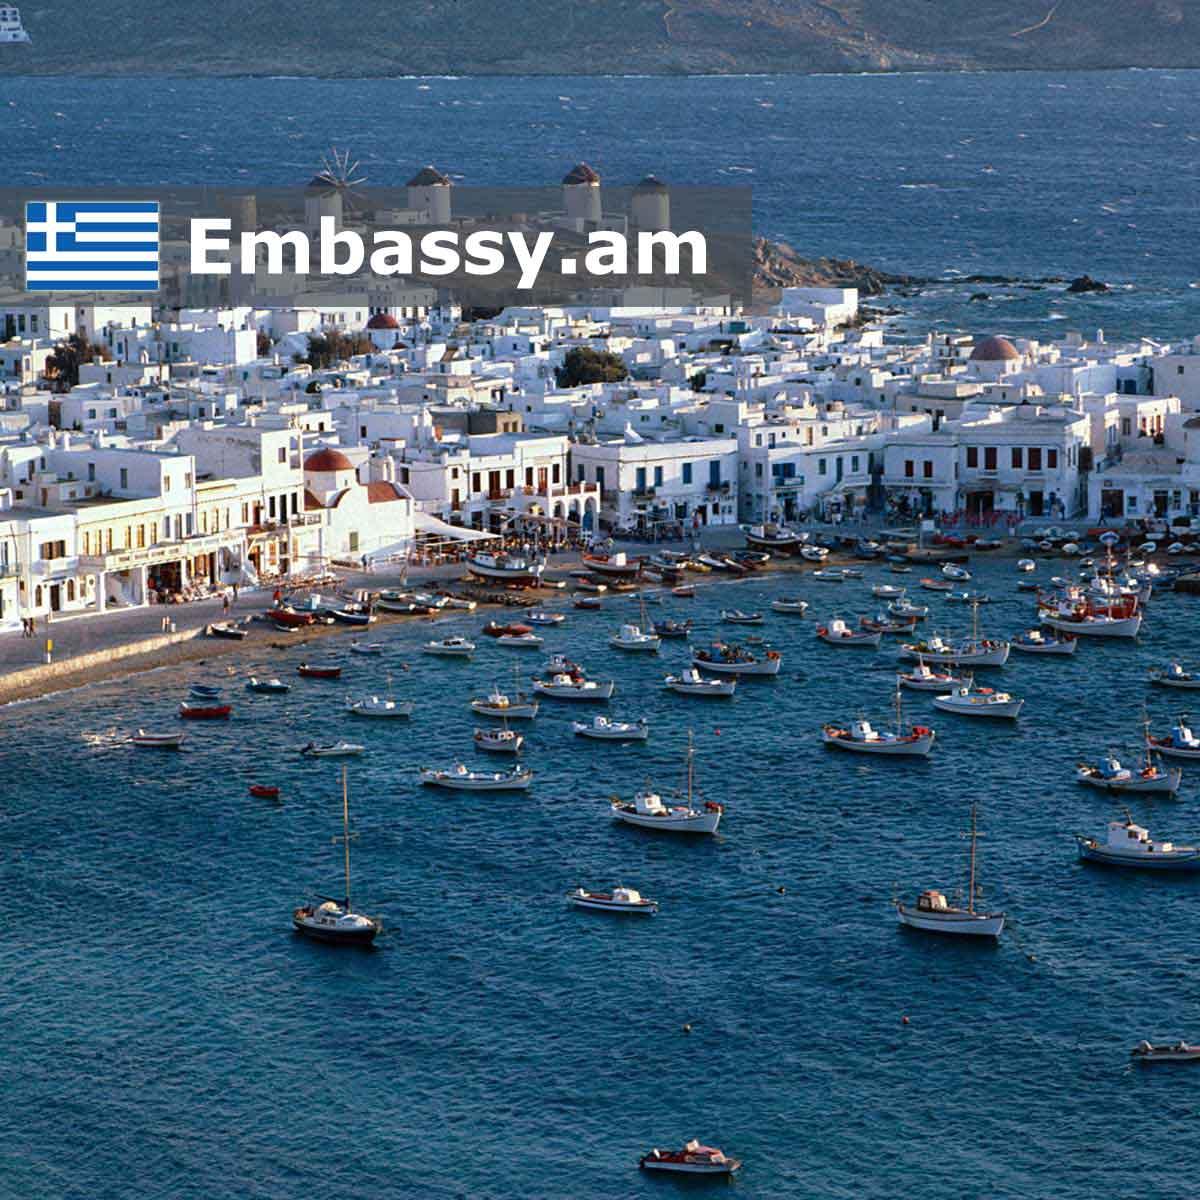 Միկոնոս - Հյուրանոցներ Հունաստանում - Embassy.am